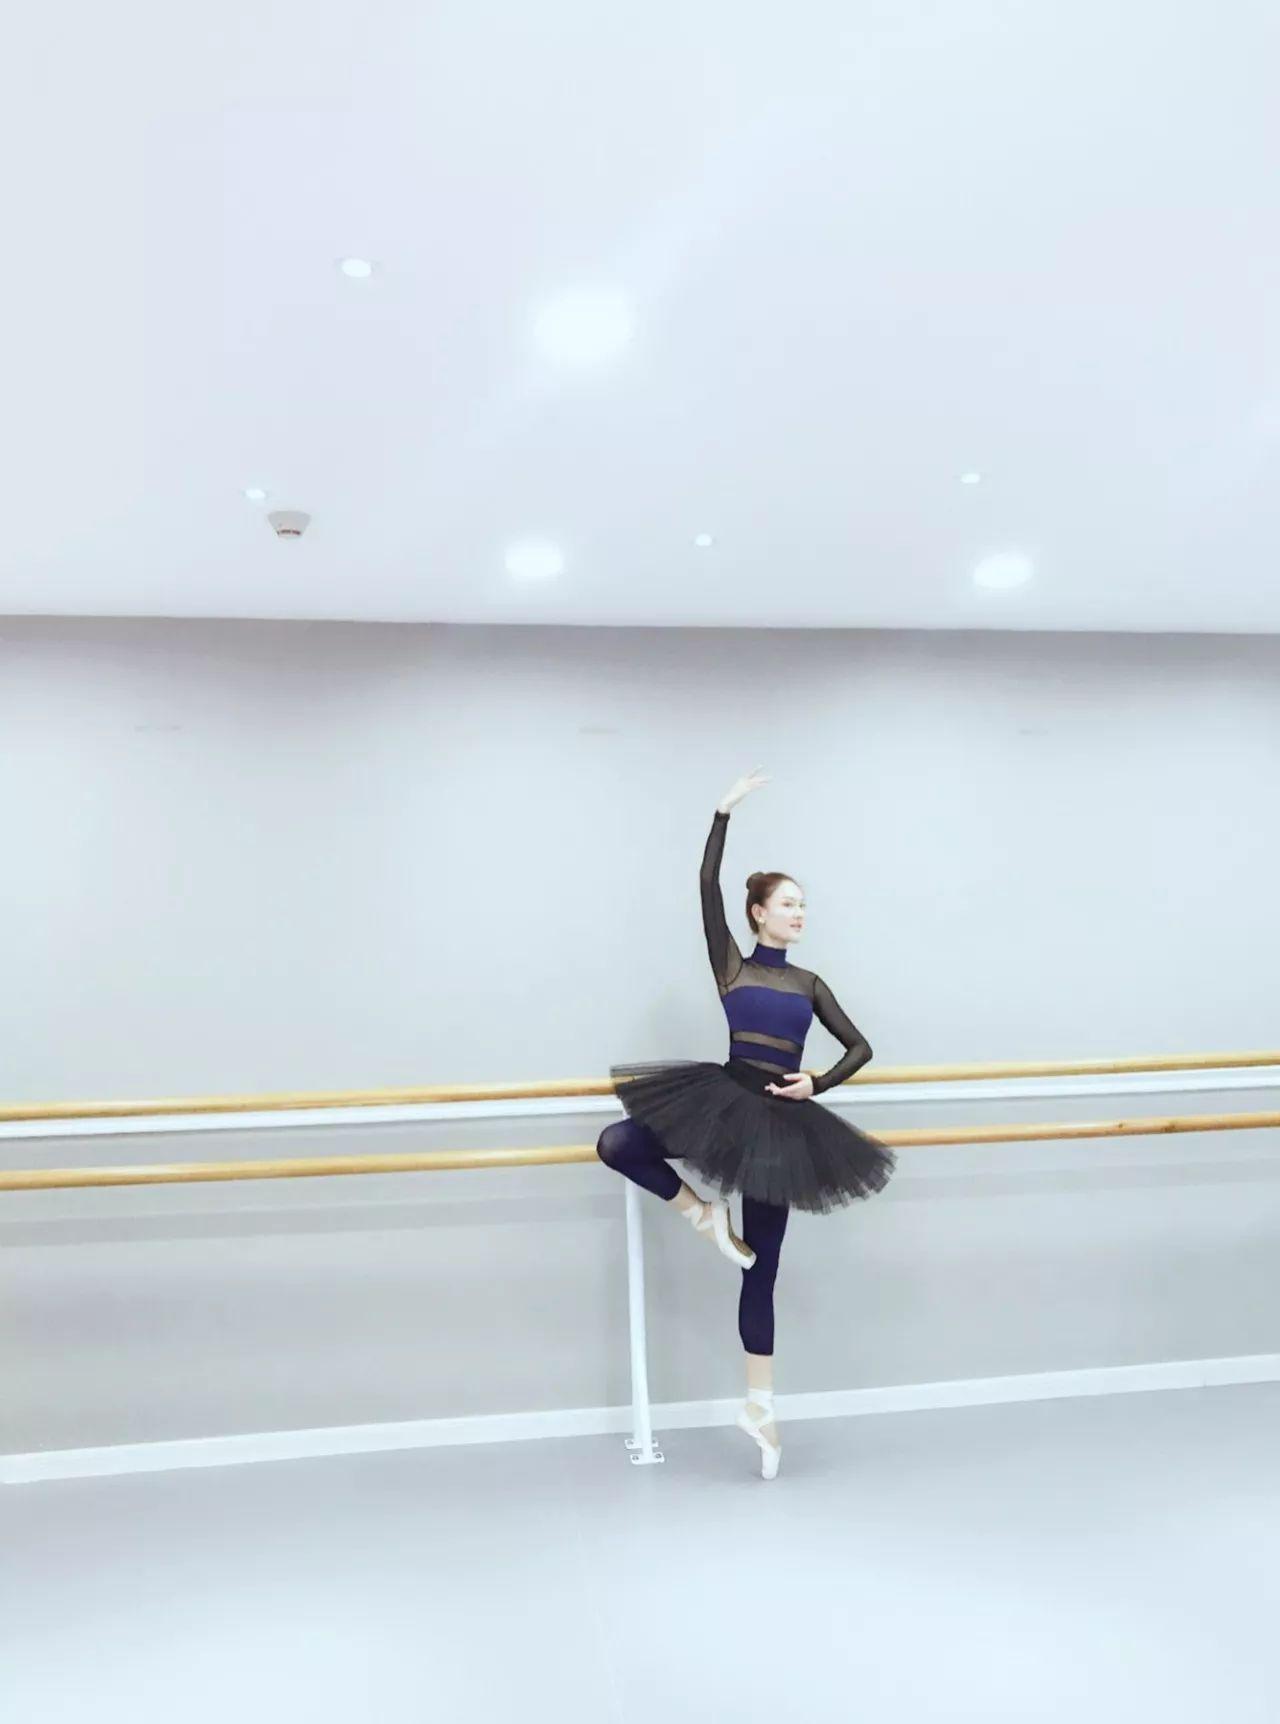 这位颜值爆表的郑州妈妈,把芭蕾跳到了世界舞台,为母爱亦为修行,她活出了女人最美芳华